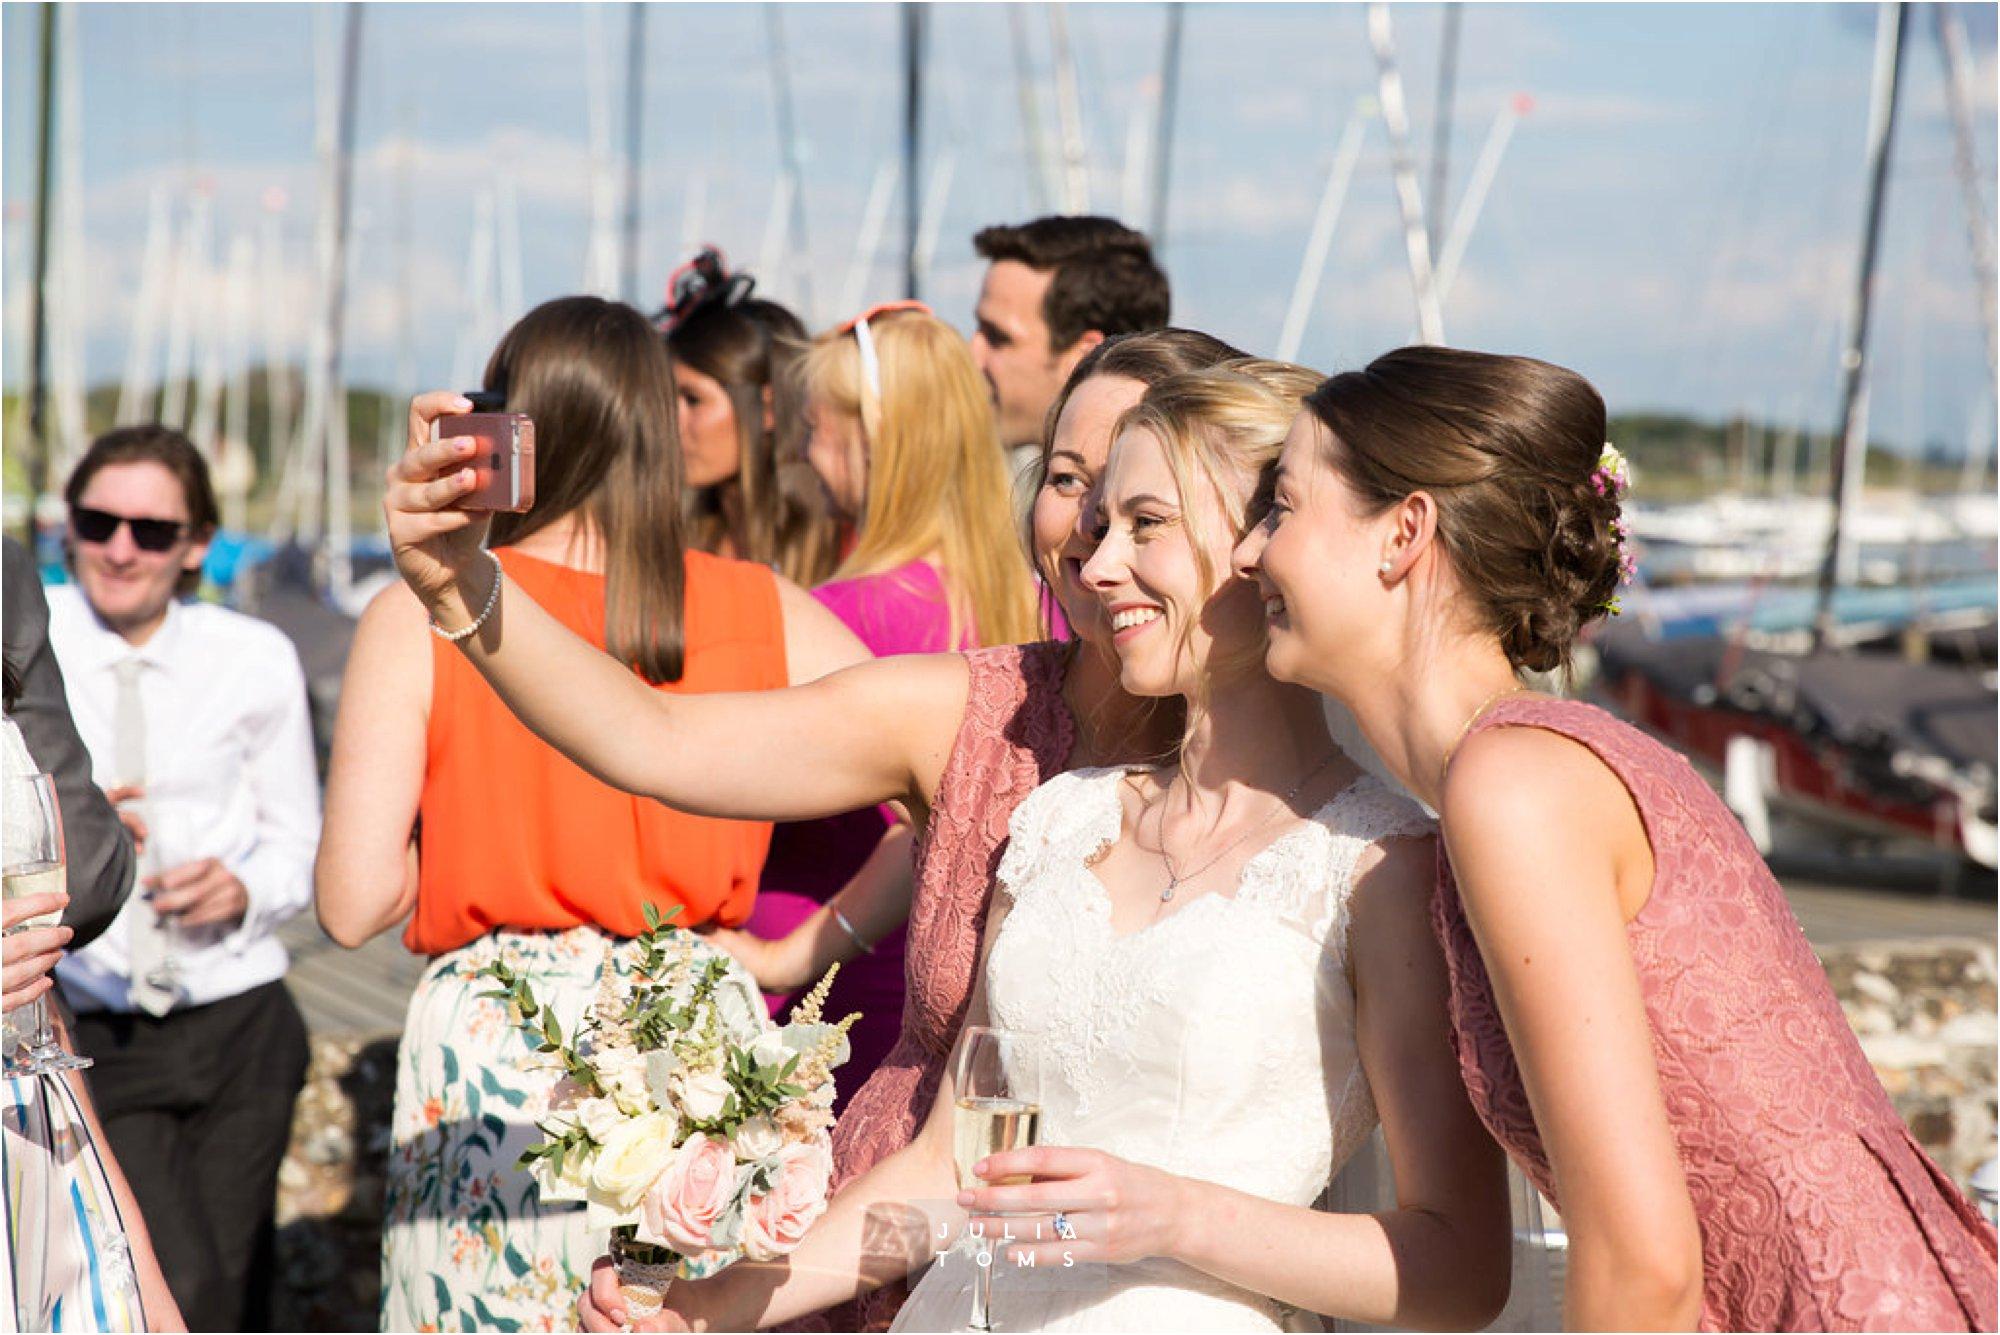 itchenor_wedding_chichester_photographer_060.jpg